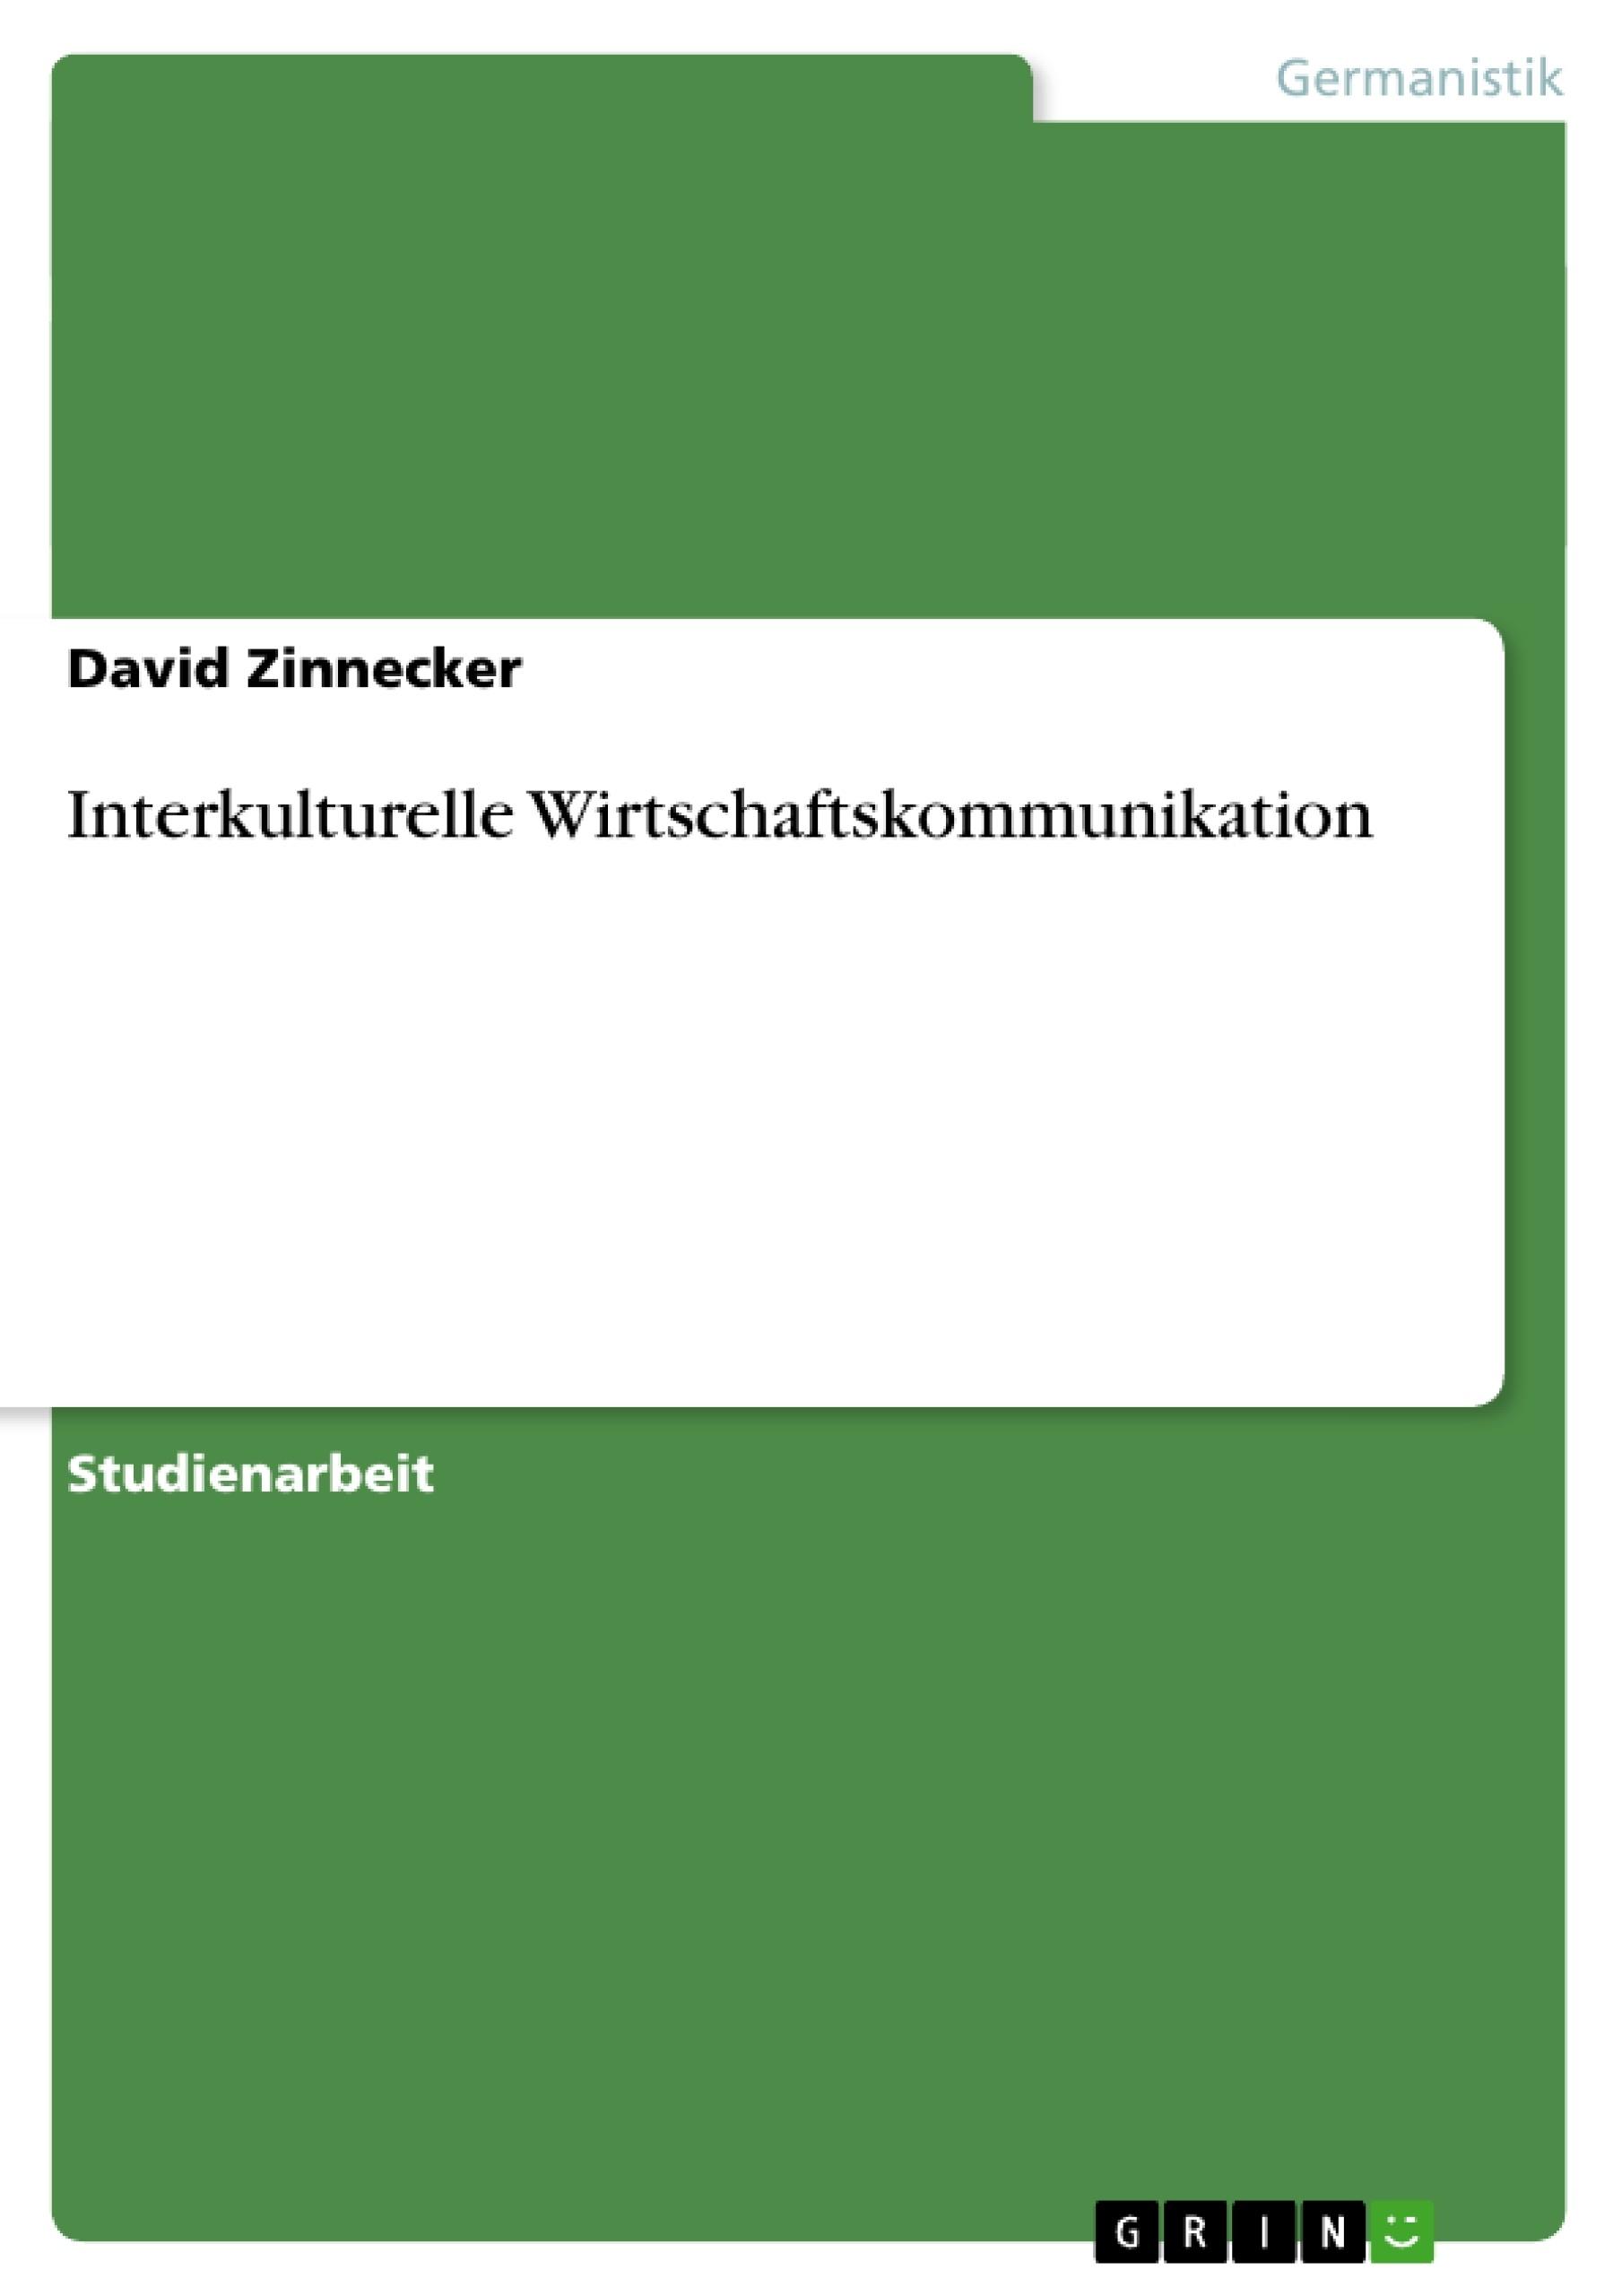 Titel: Interkulturelle Wirtschaftskommunikation